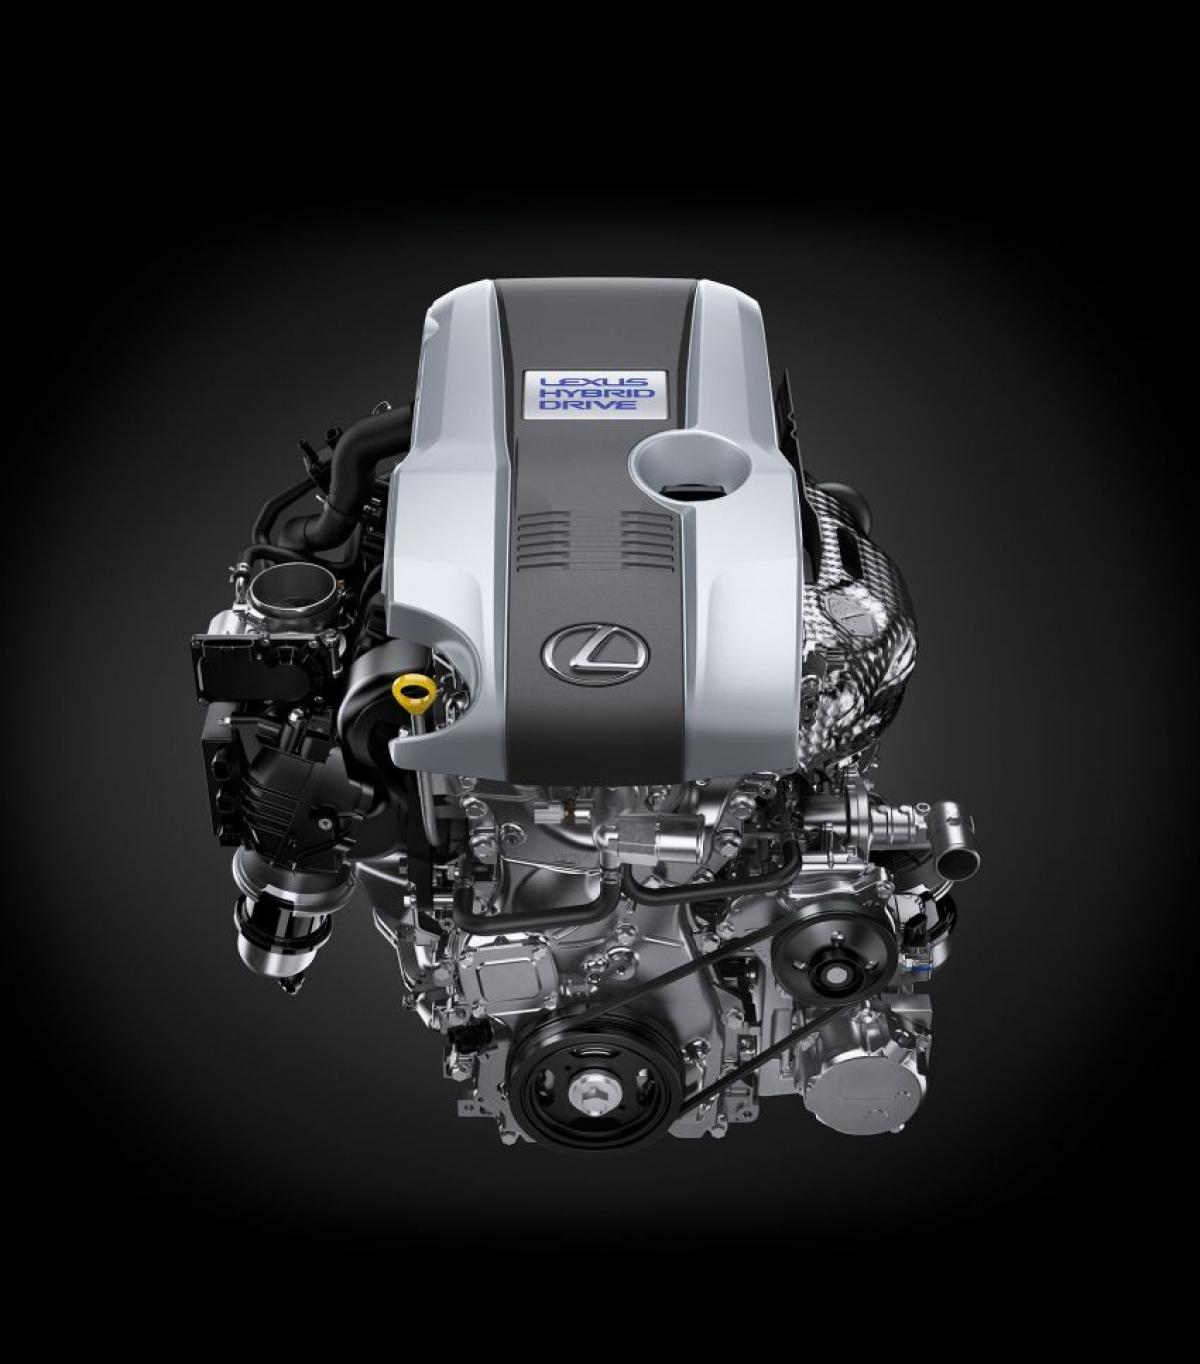 Ngoài ra, còn có bản IS 300h hybrid với động cơ 2AR-FSE 2.5 L hút khí tự nhiên sản sinh công suất 174 mã lực/ mô men xoắn 221 Nm và động cơ điện 140 mã lực và mô men xoắn 300 Nm với công suất kết hợp 215 mã lực. Tùy chọn động cơ này đi kèm với tùy chọn phản ứng ga tăng cường và dẫn động bốn bánh.